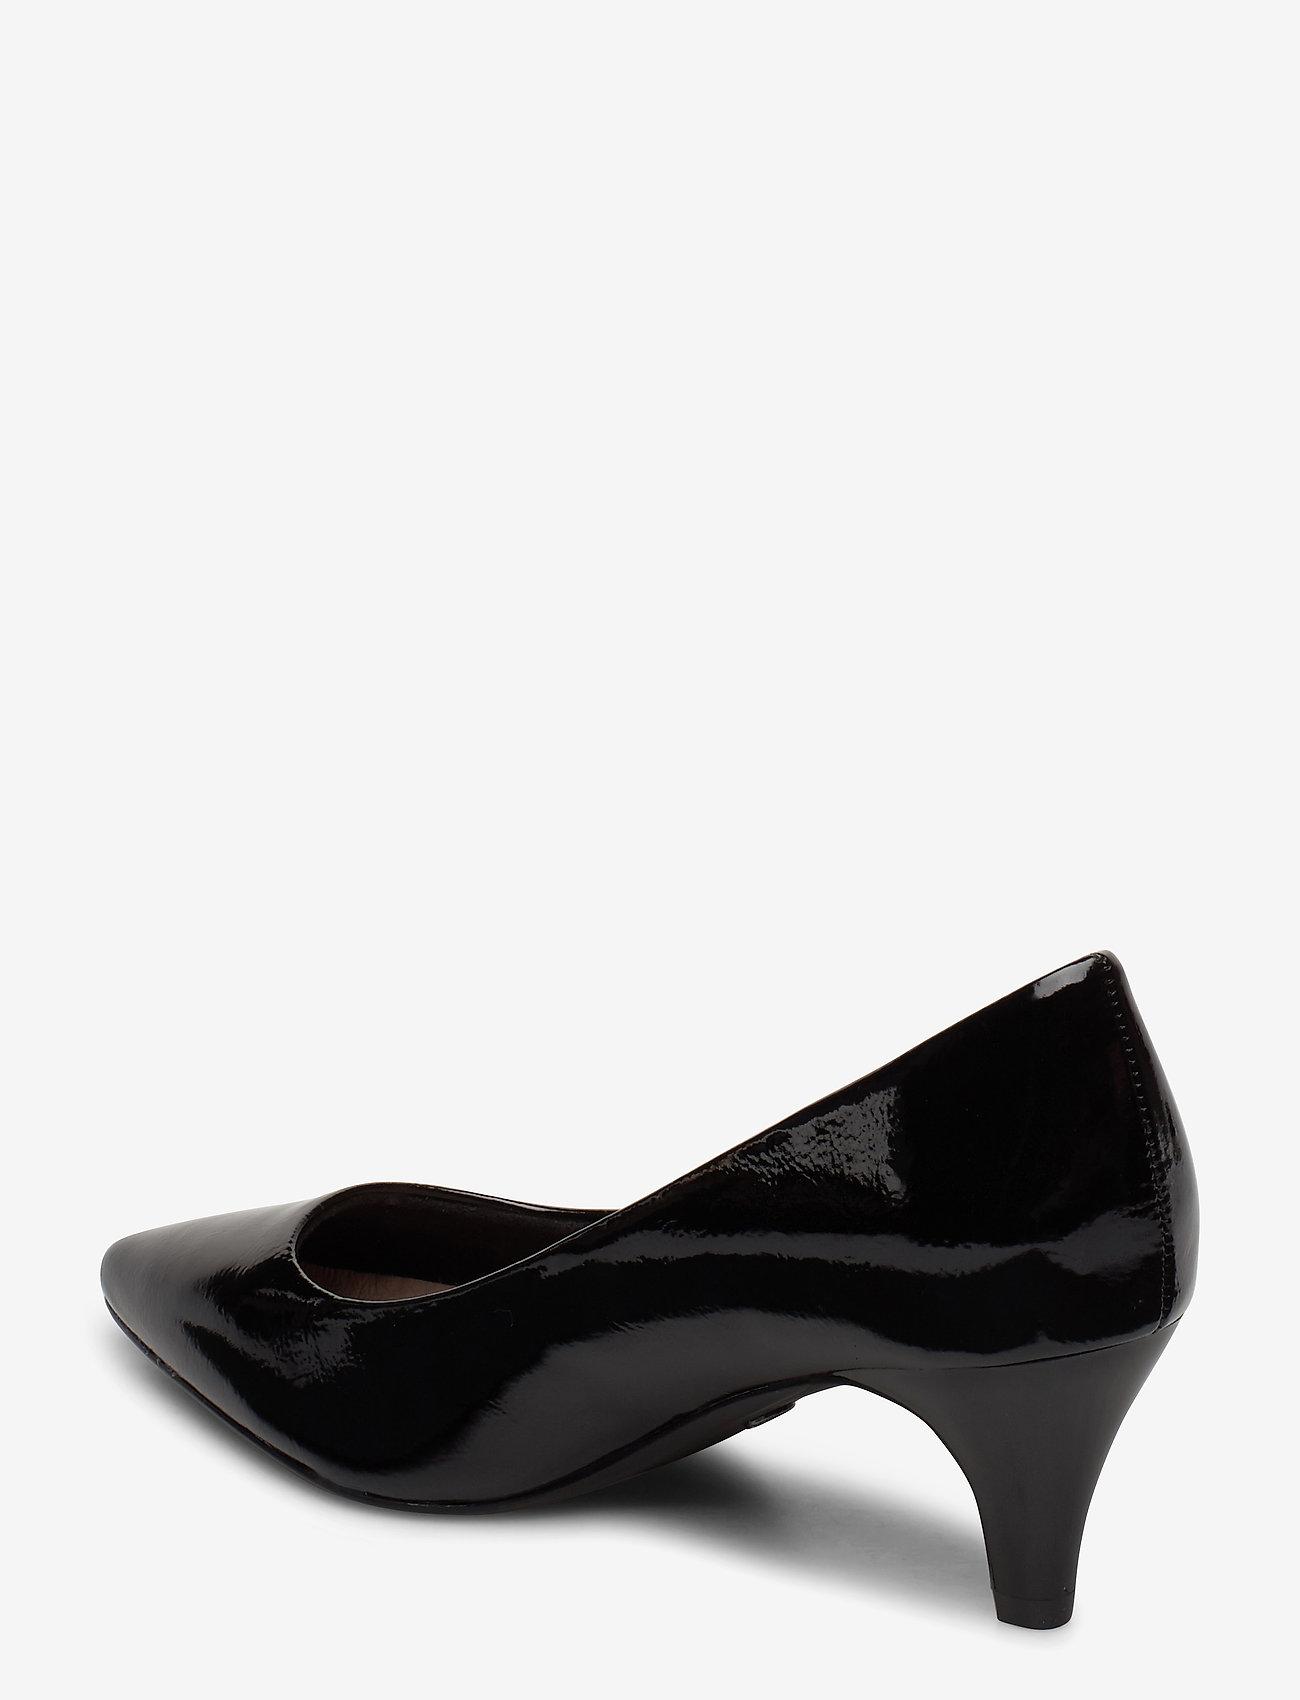 Woms Court Shoe (Black Patent) (349 kr) - Tamaris